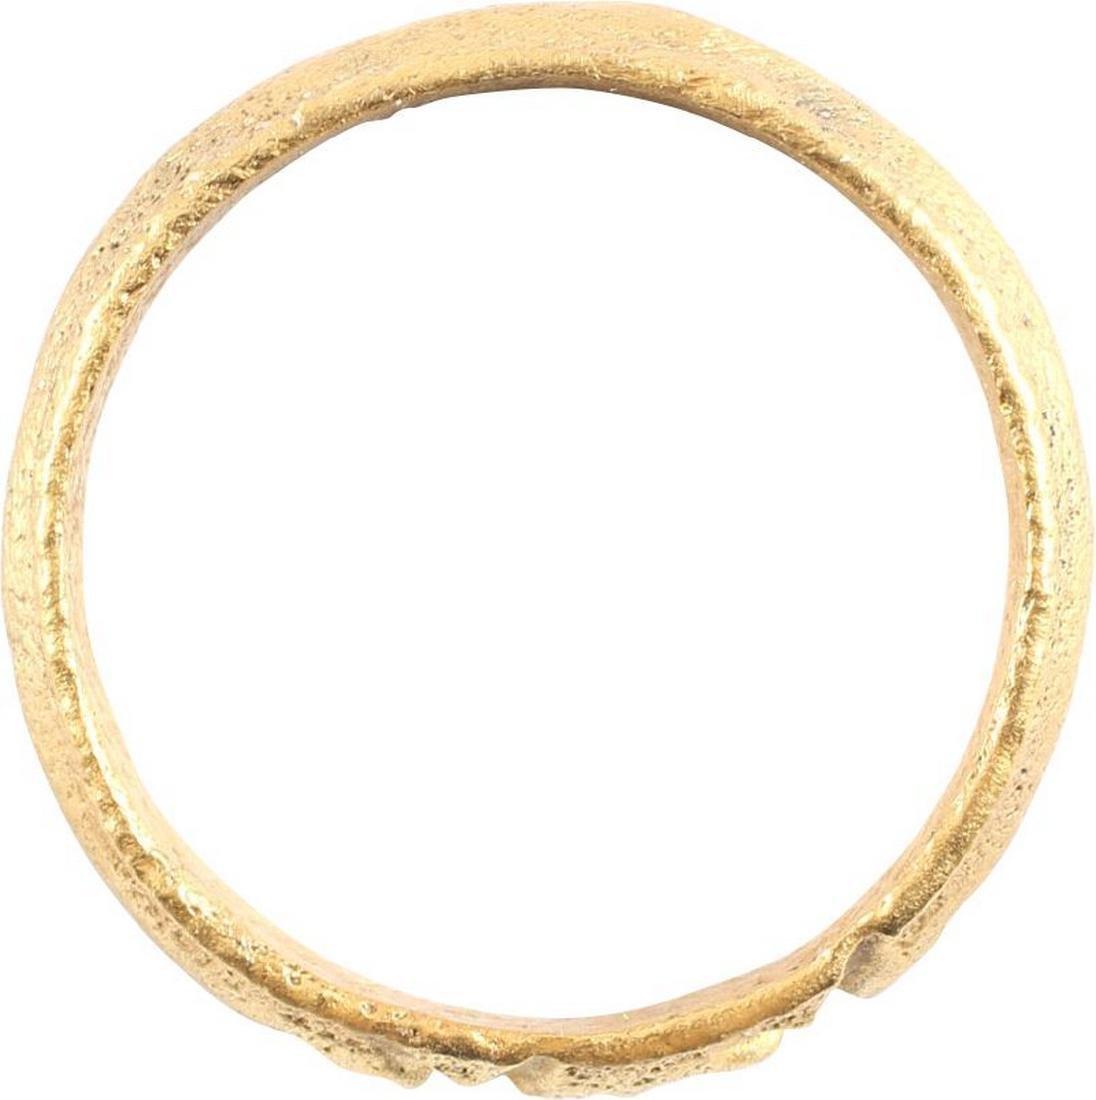 VIKING WARRIOR'S RING C.866-1067 AD, Sz 10 - 2